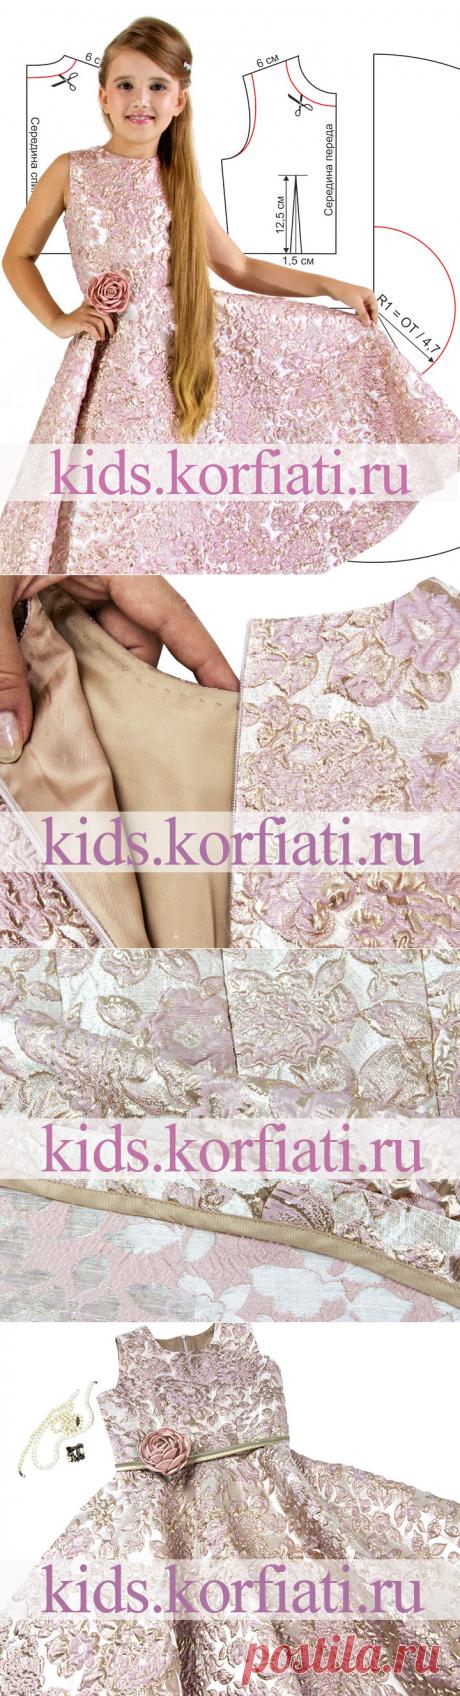 Выкройка праздничного платья для девочки от Анастасии Корфиати